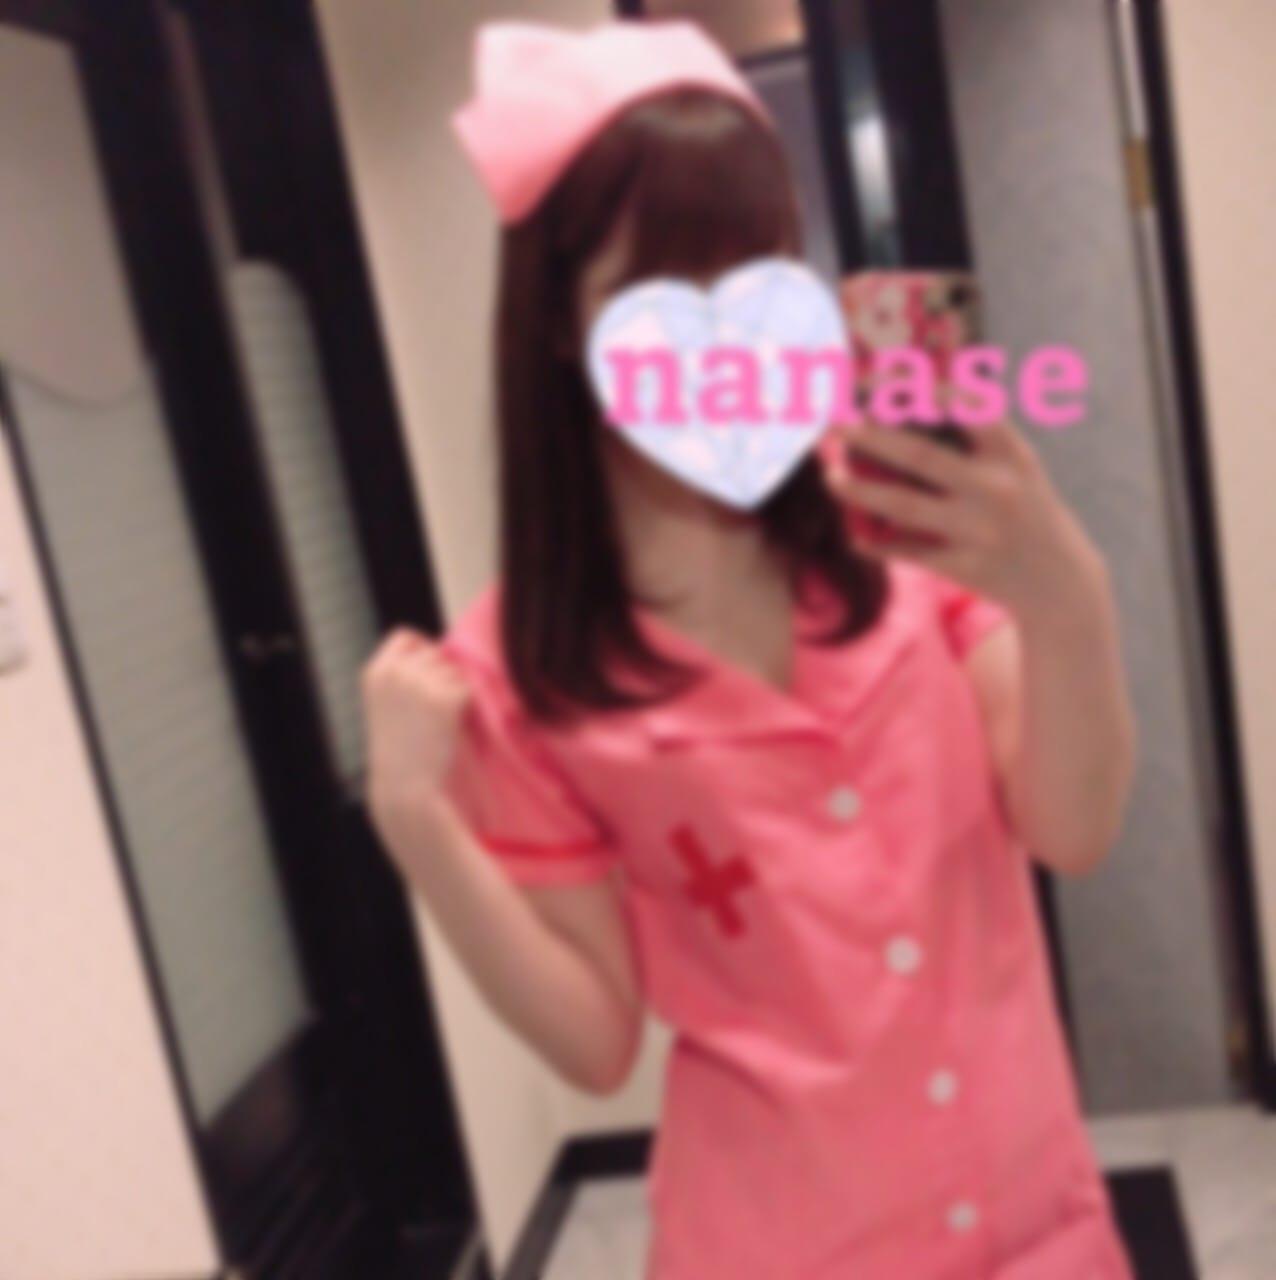 「WINDY409お客様♡」11/24(11/24) 00:34   ナナセの写メ・風俗動画